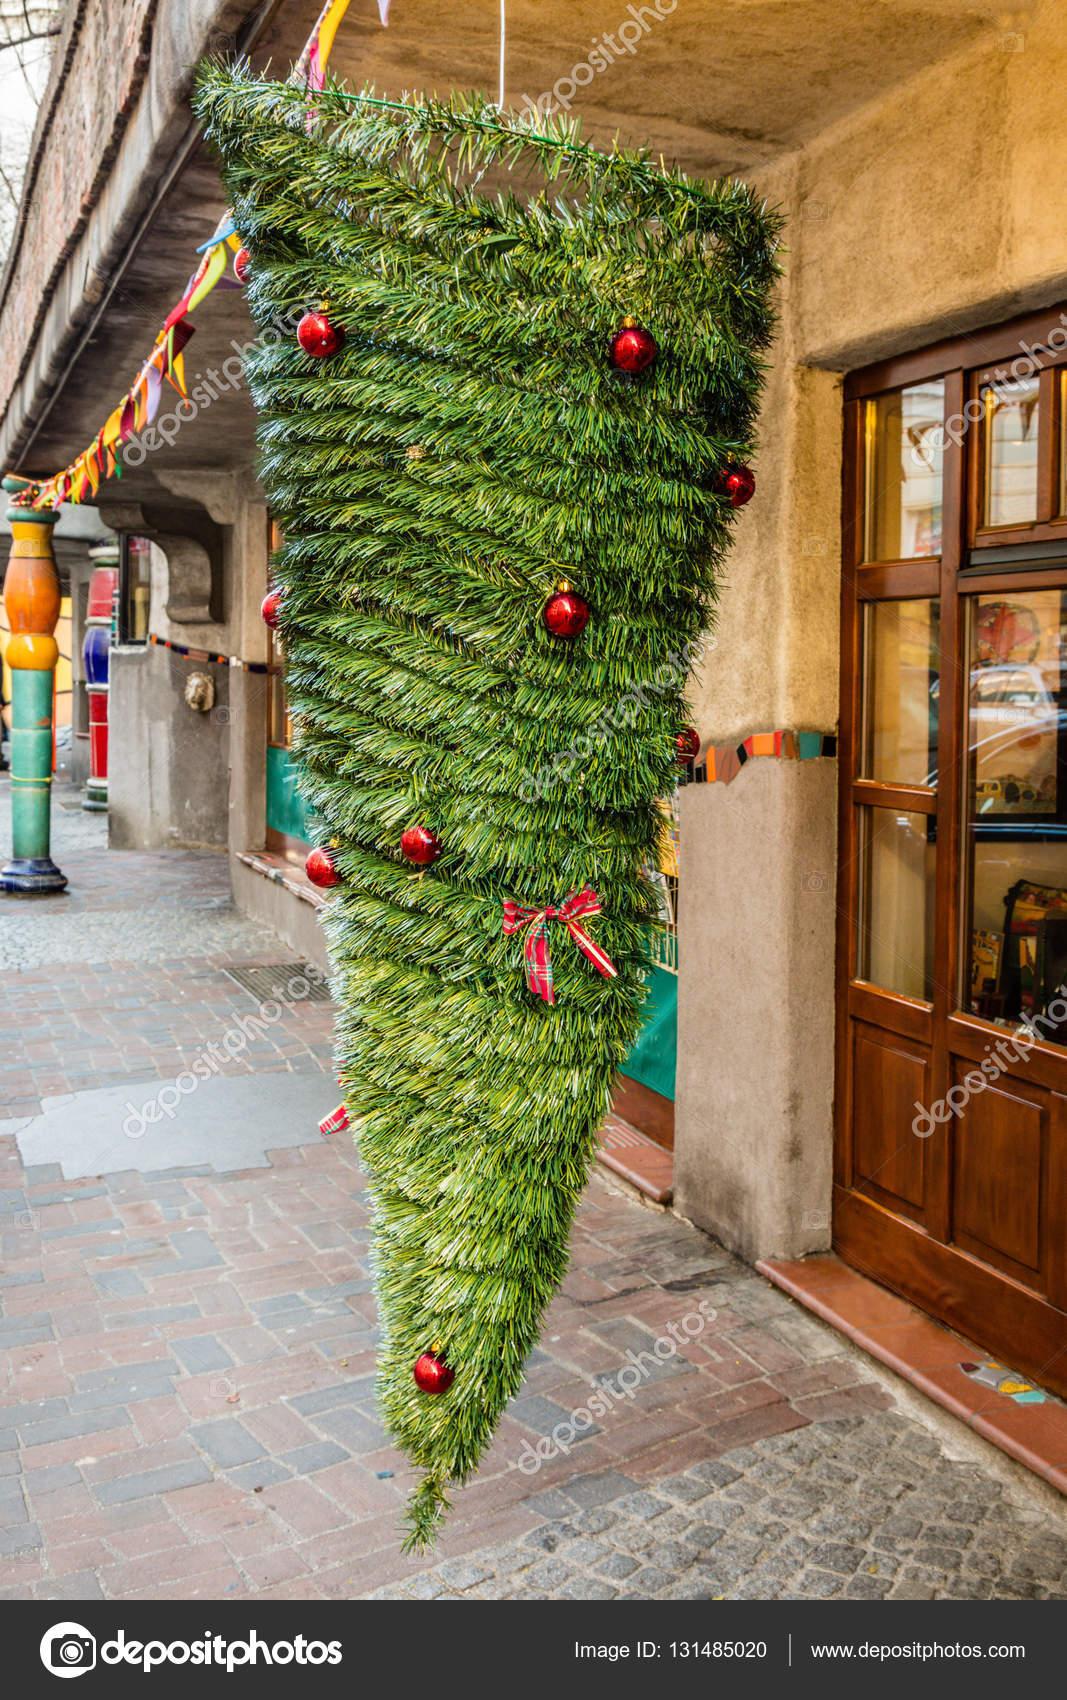 österreich Weihnachtsbaum.Kopf Weihnachtsbaum Wien österreich Stockfoto Gekkogallary